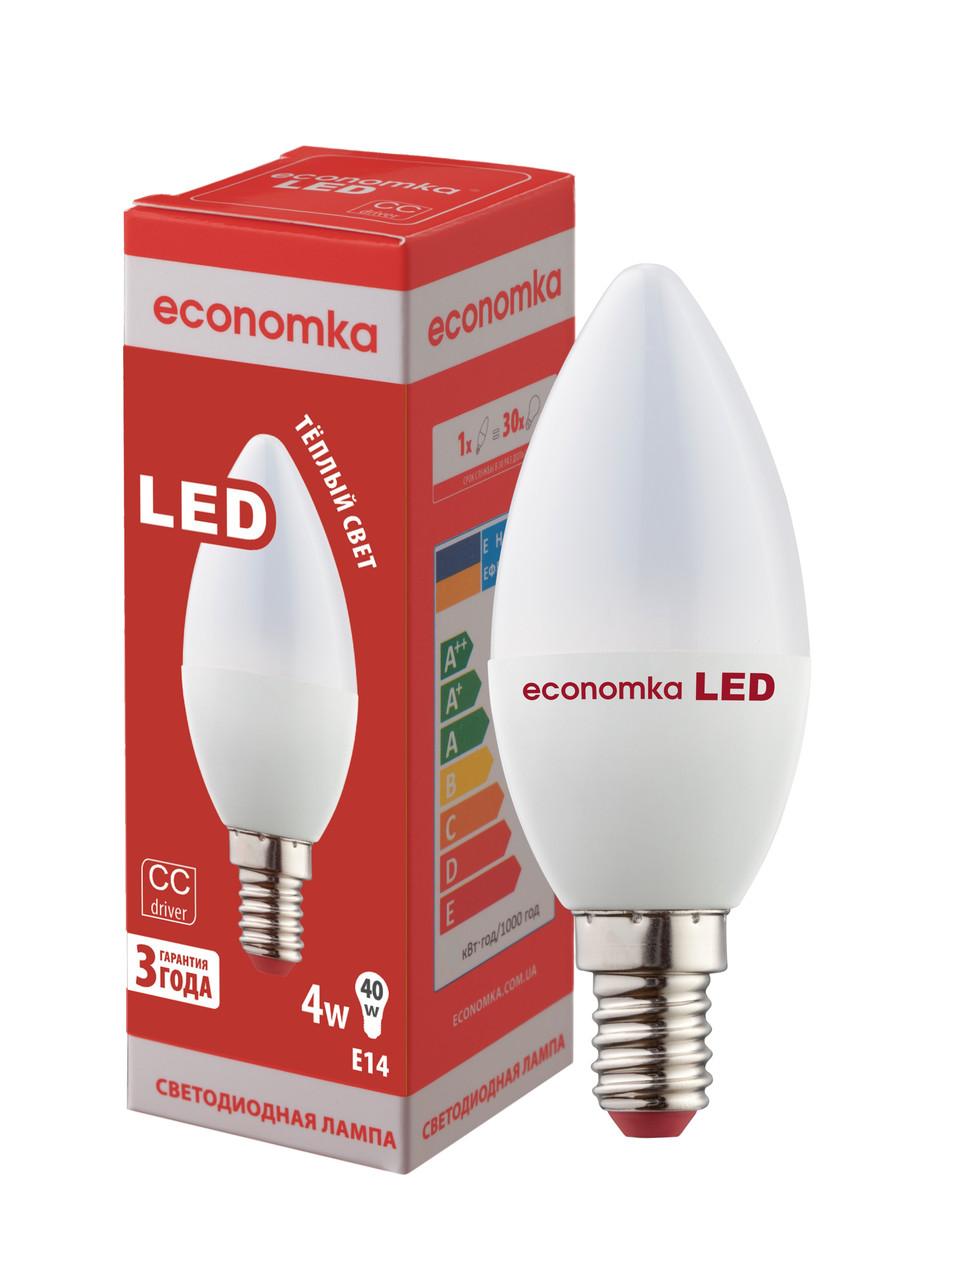 Светодиодная лампа Economka LED CN 4W E14-2800 К